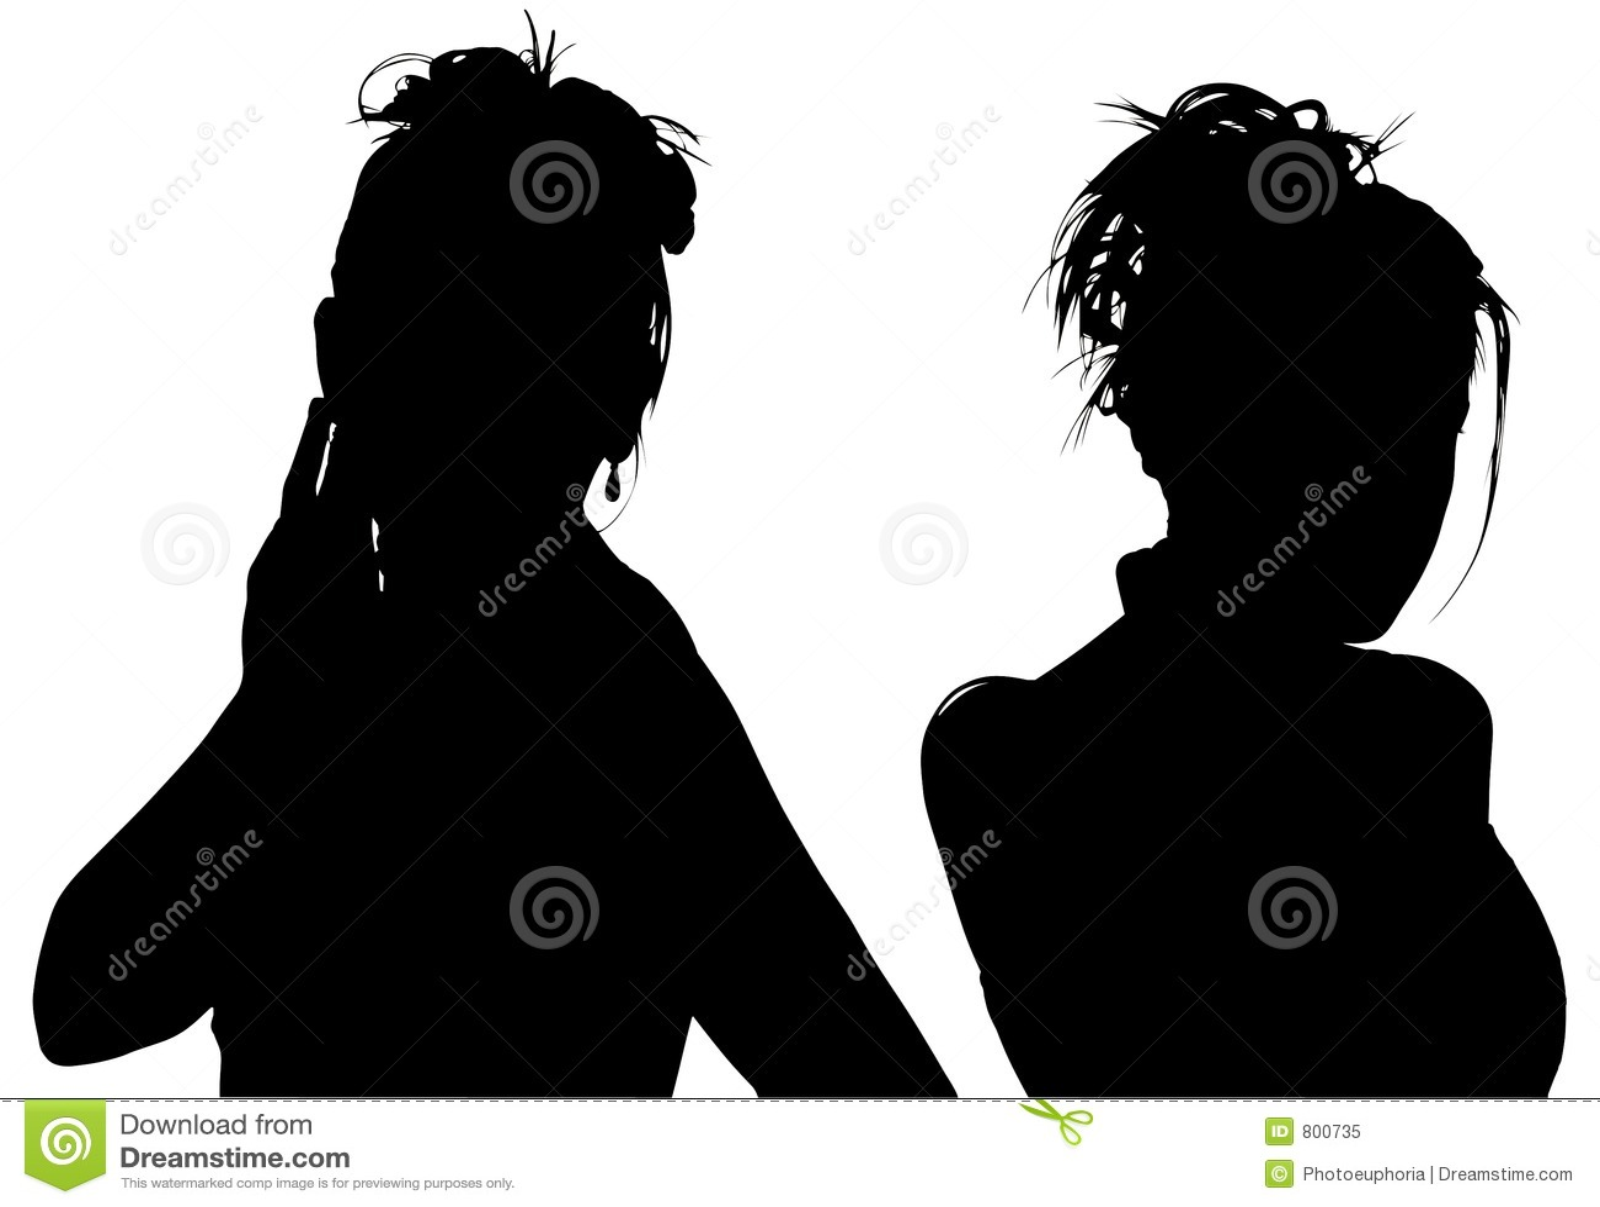 ψαλιδίζοντας το μονοπάτι σκιαγραφήστε δύο γυναίκες